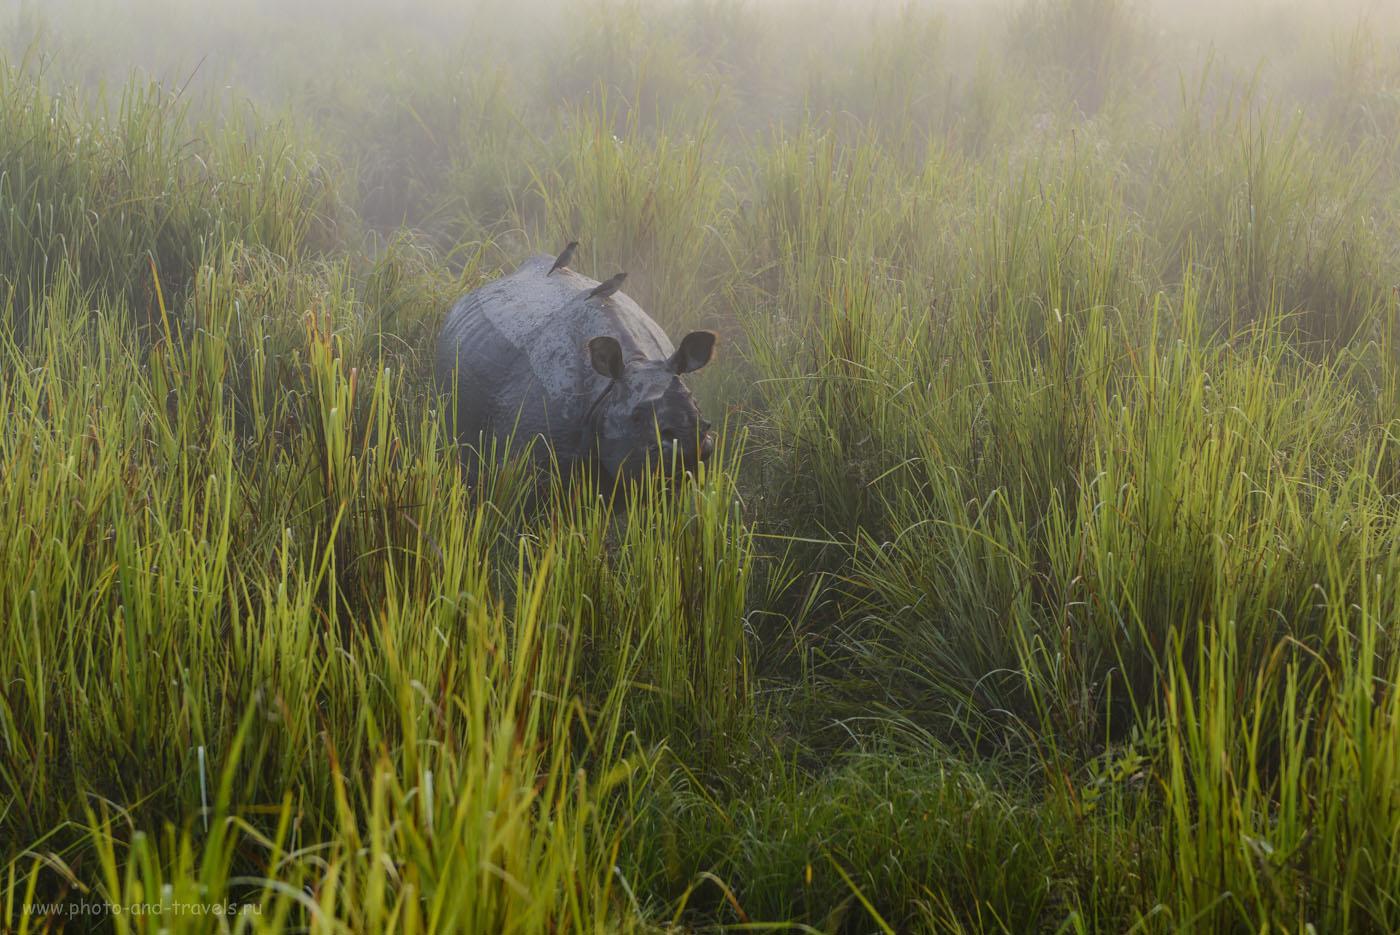 Носорог в индийском заповеднике Kaziranga National Park. Сфотографировал его во время слоновьего сафари в штате Ассам в ноябре 2015.